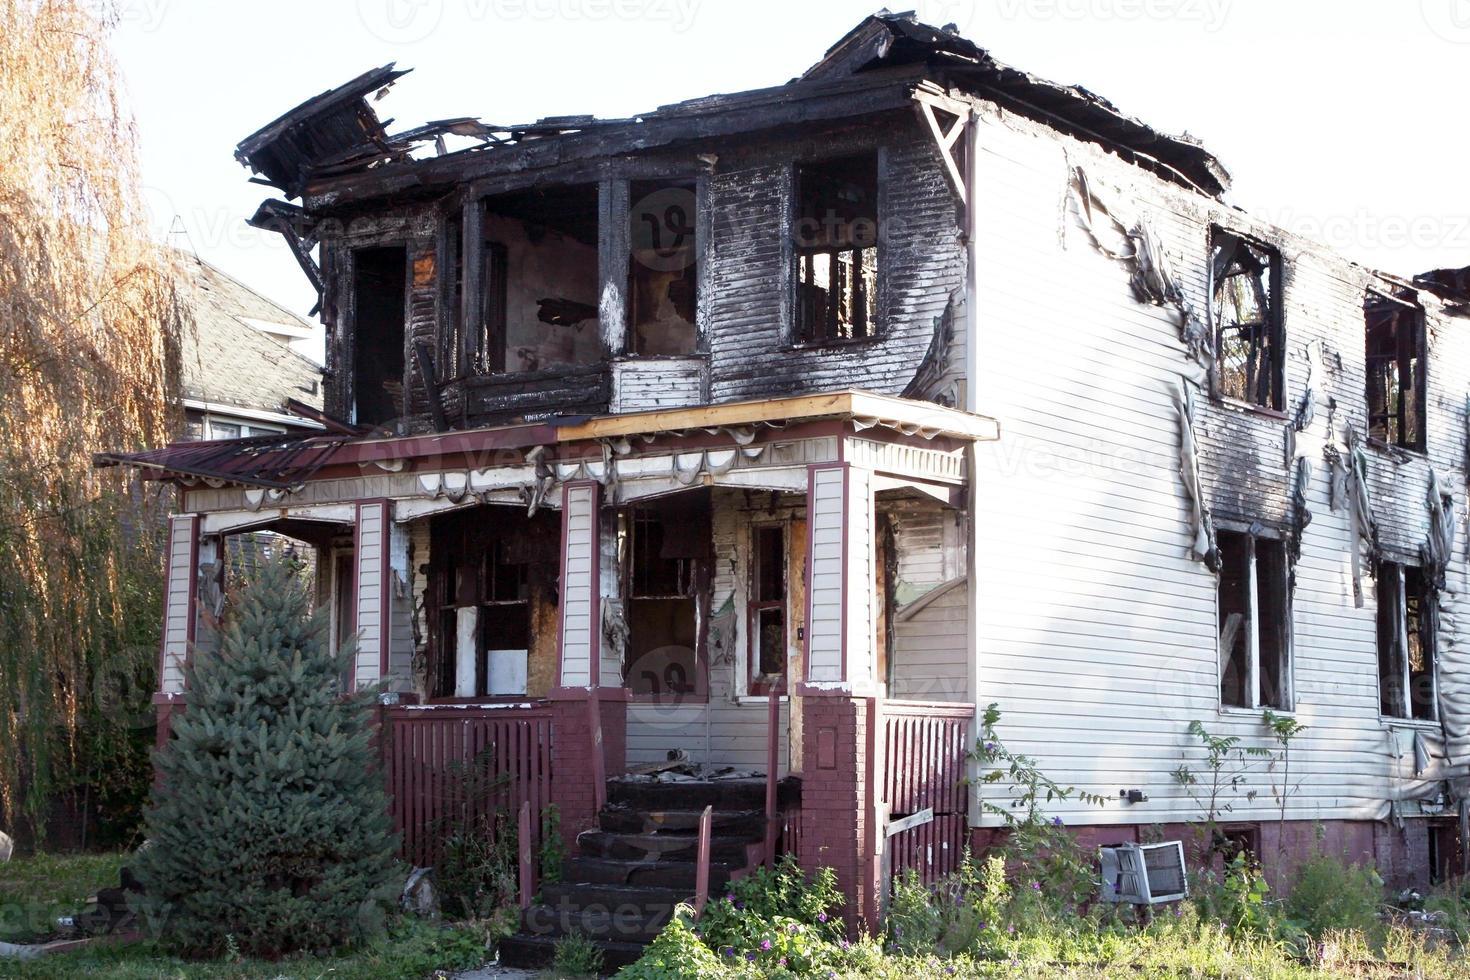 maison endommagée par le feu photo